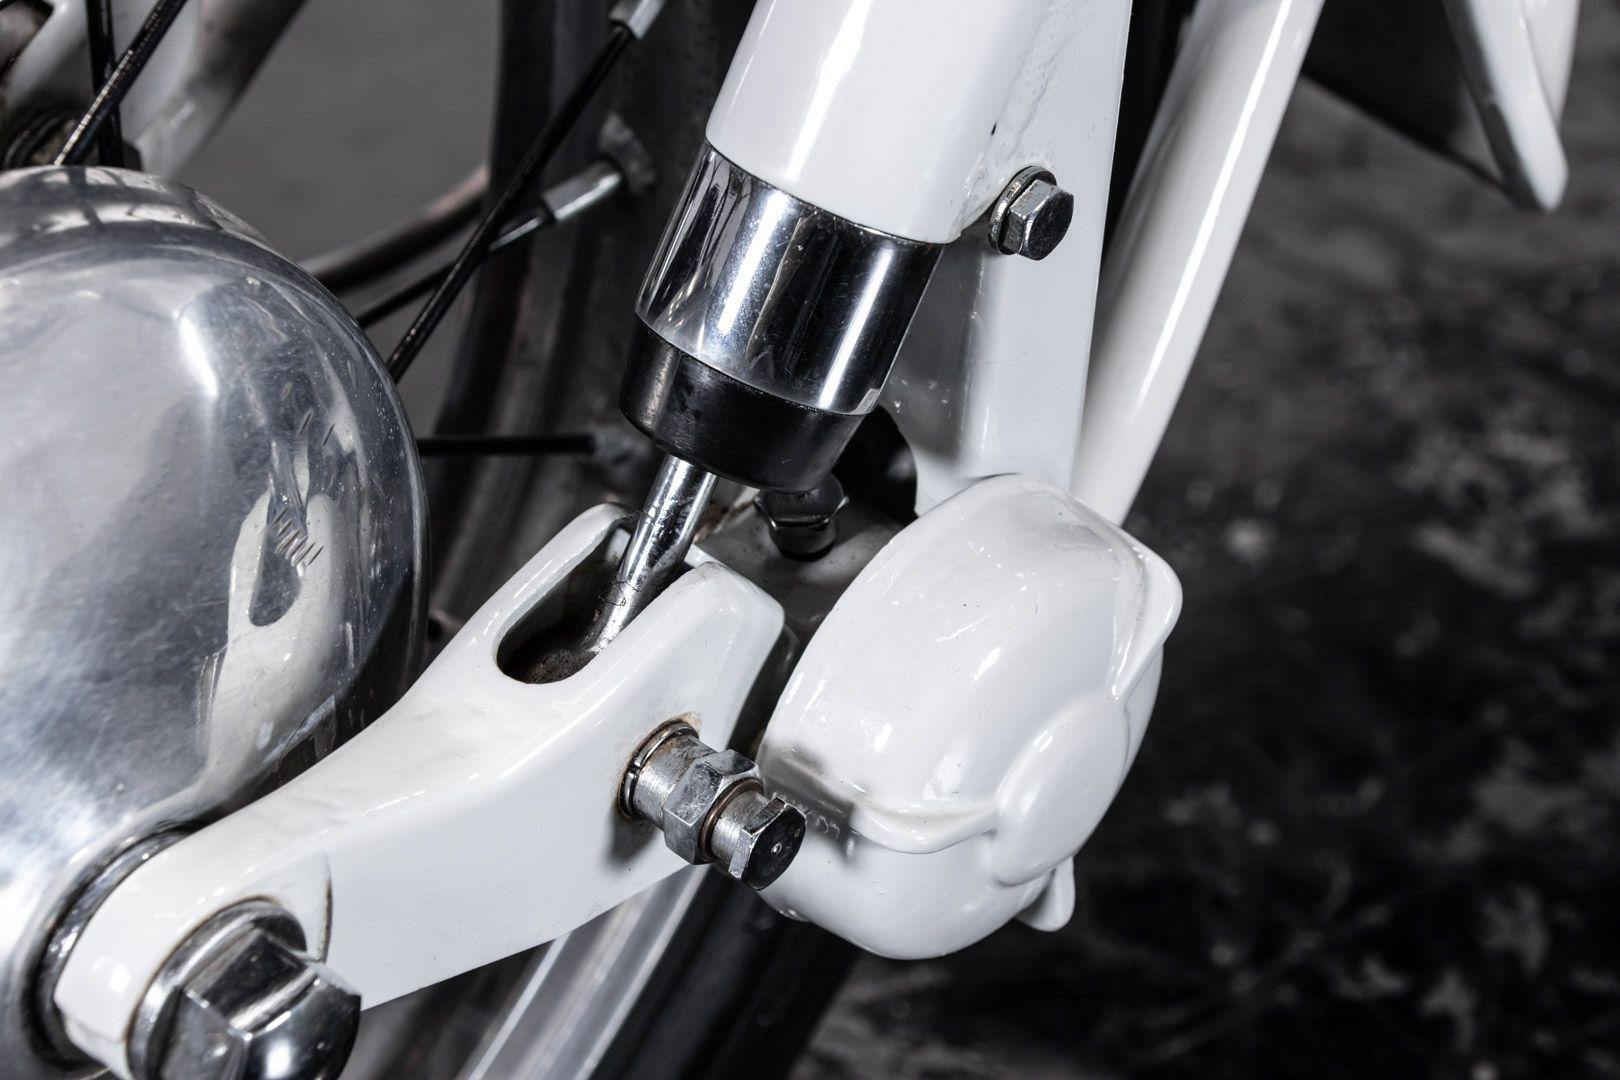 1954 Motom Delfino 165 82920